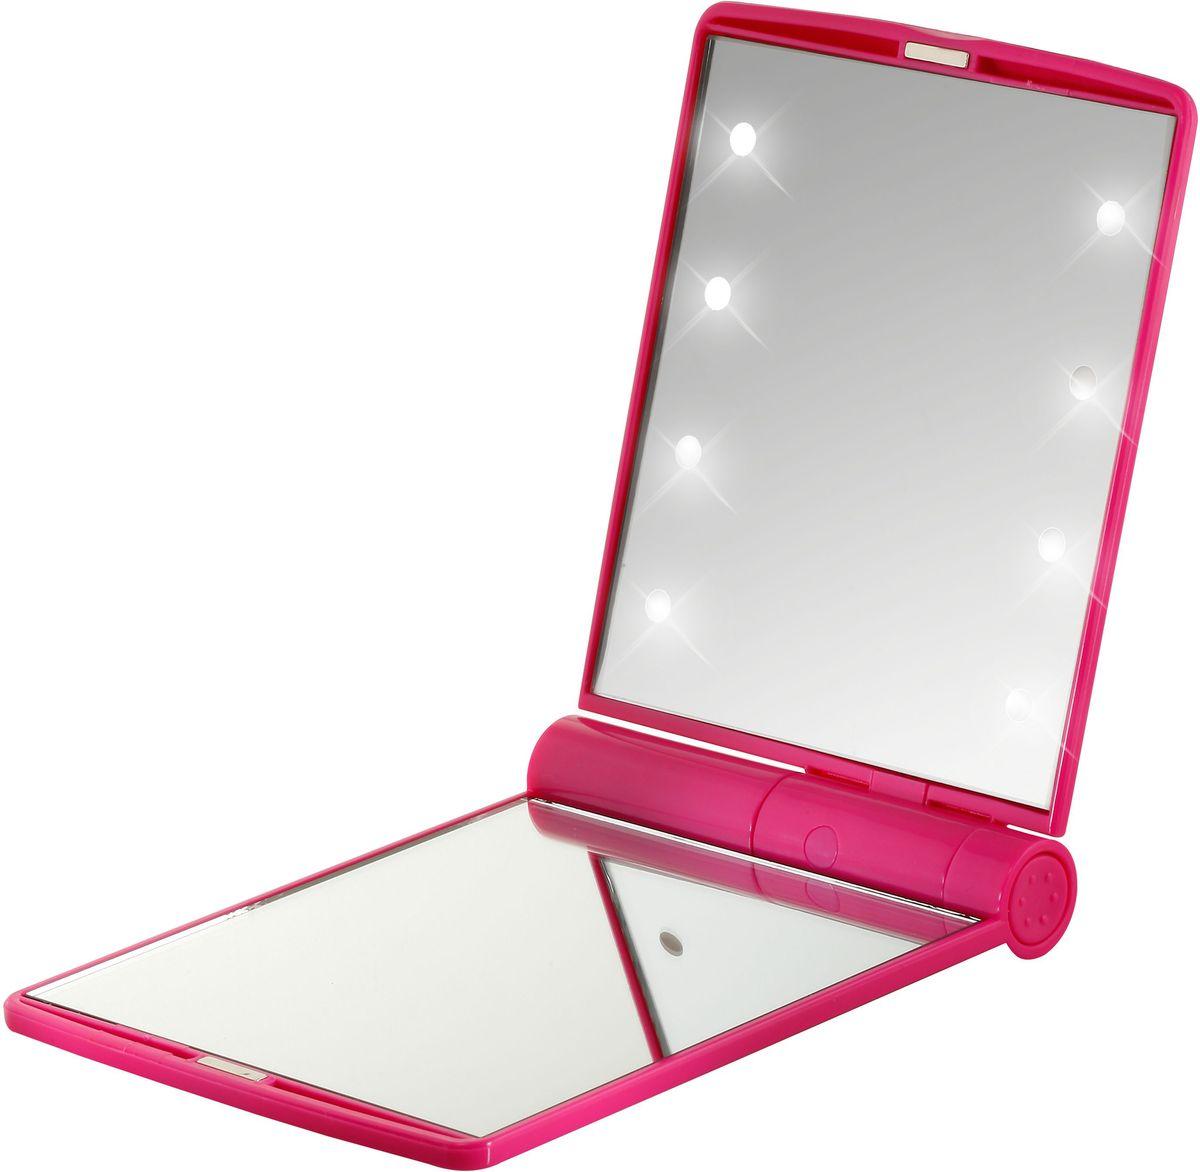 Flo Зеркало косметическое Led Celebrity Mirror, с LED-подсветкой, 2-х увеличение, цвет: фуксия FP-200-604F